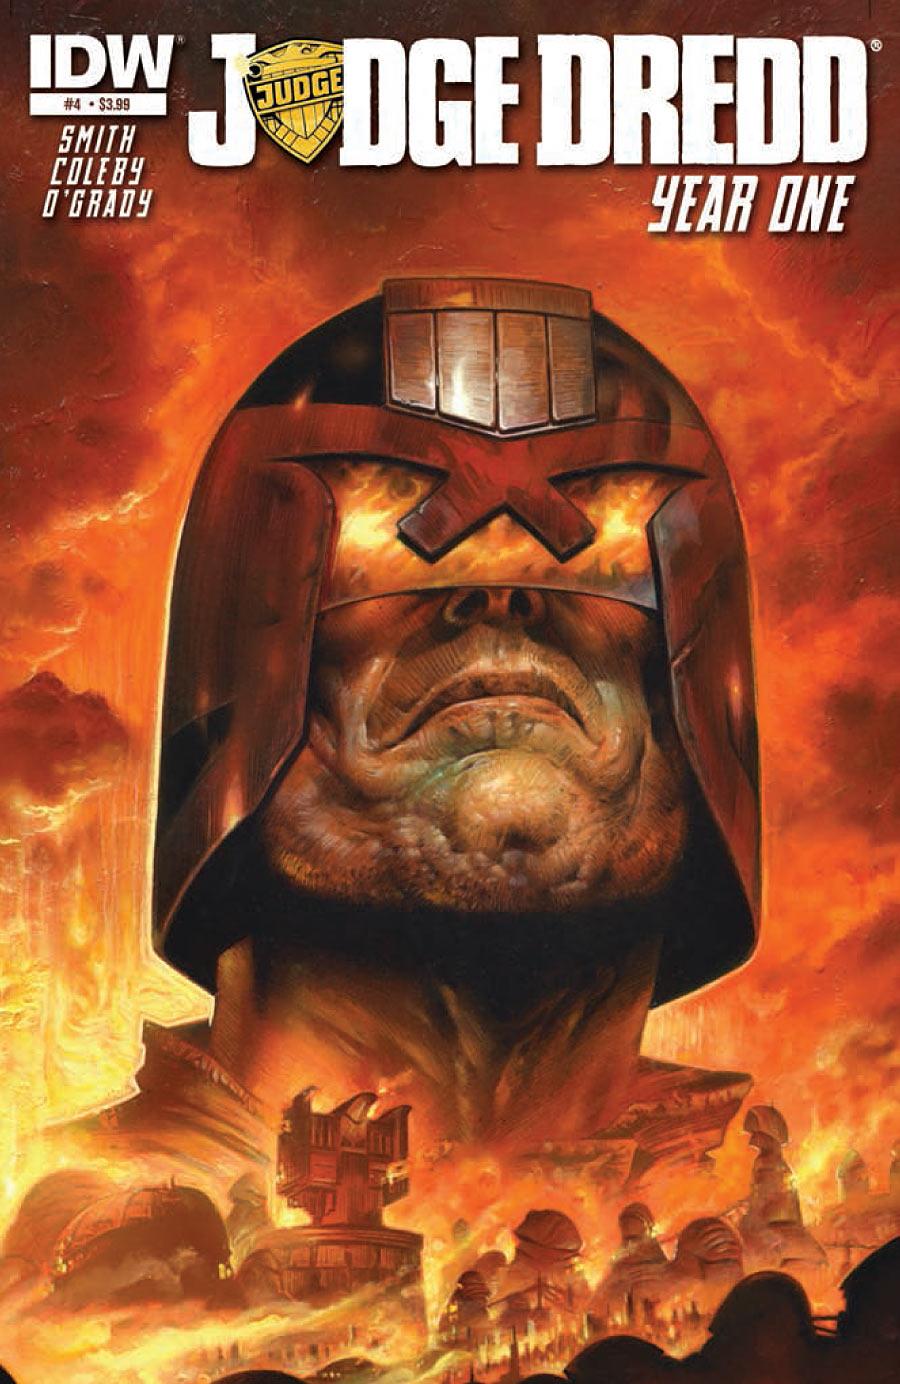 Judge Dredd: Year One #4